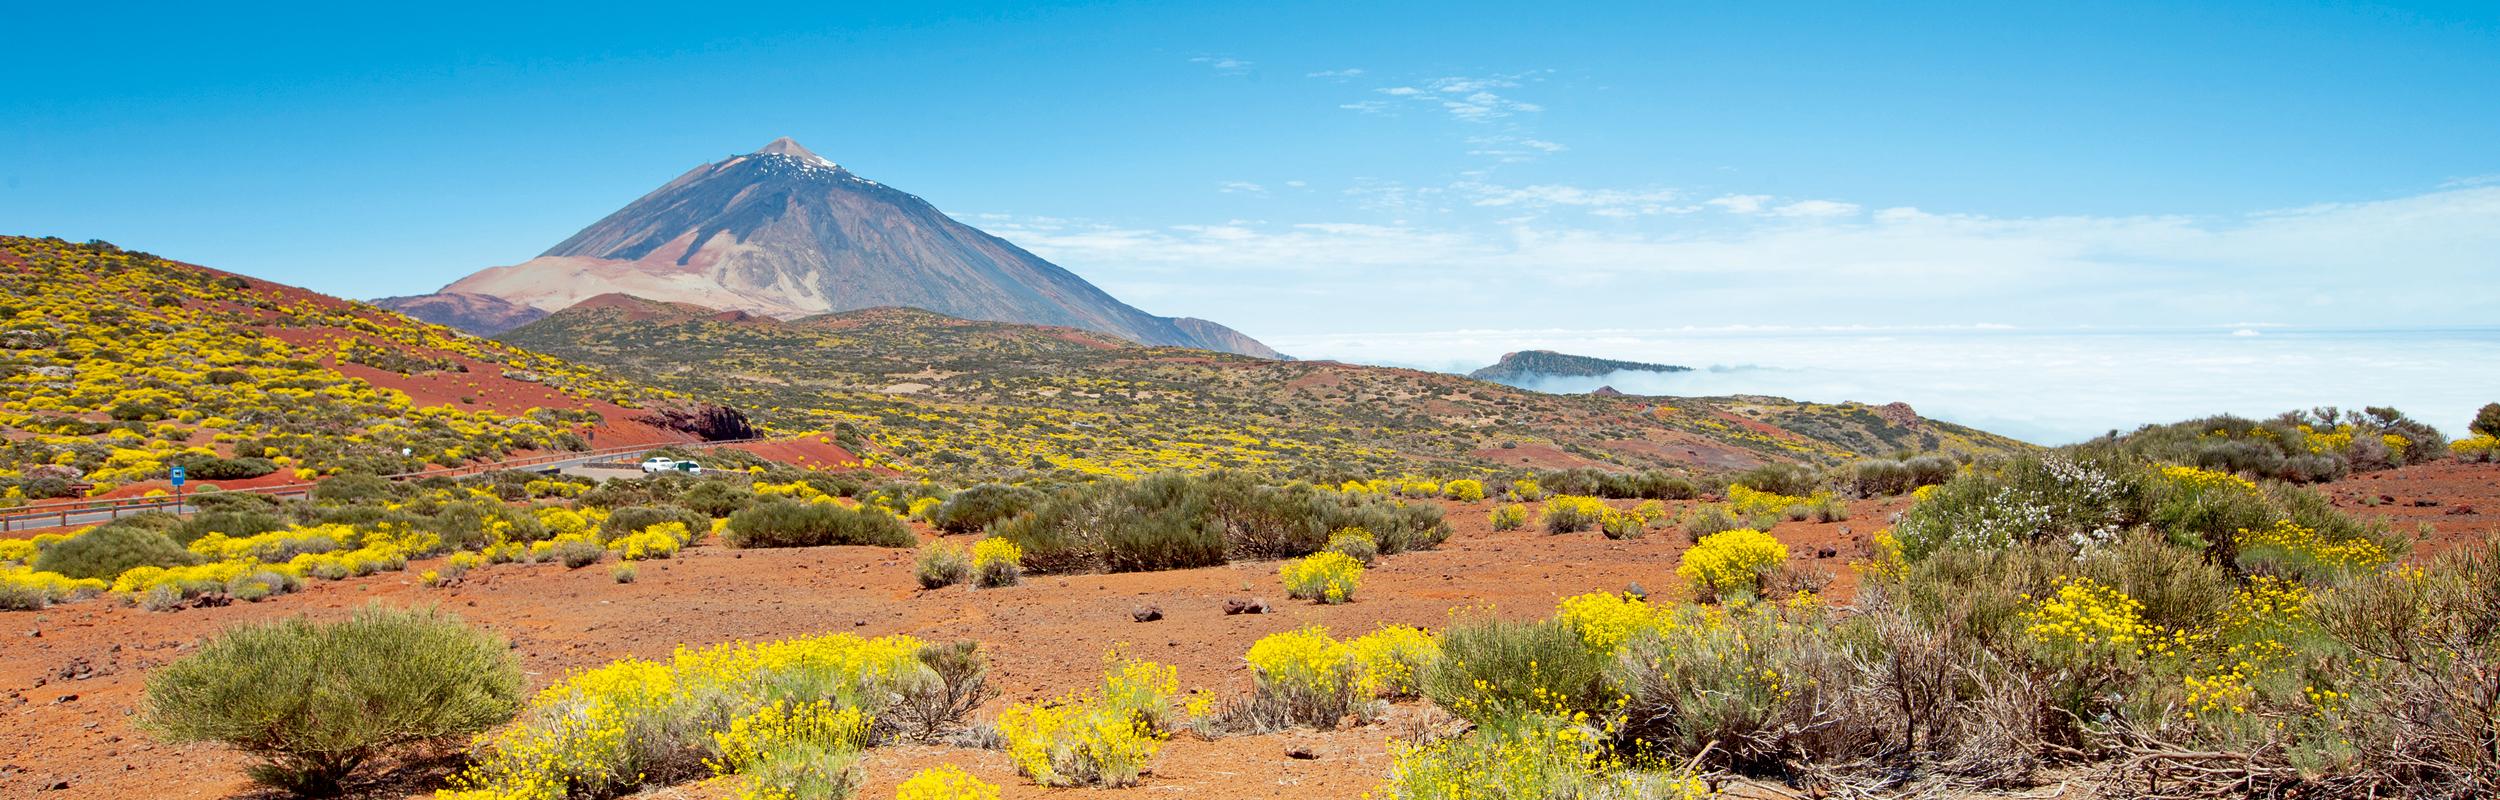 Réserver vos prochaines vacances à Tenerife avec Liege Airport